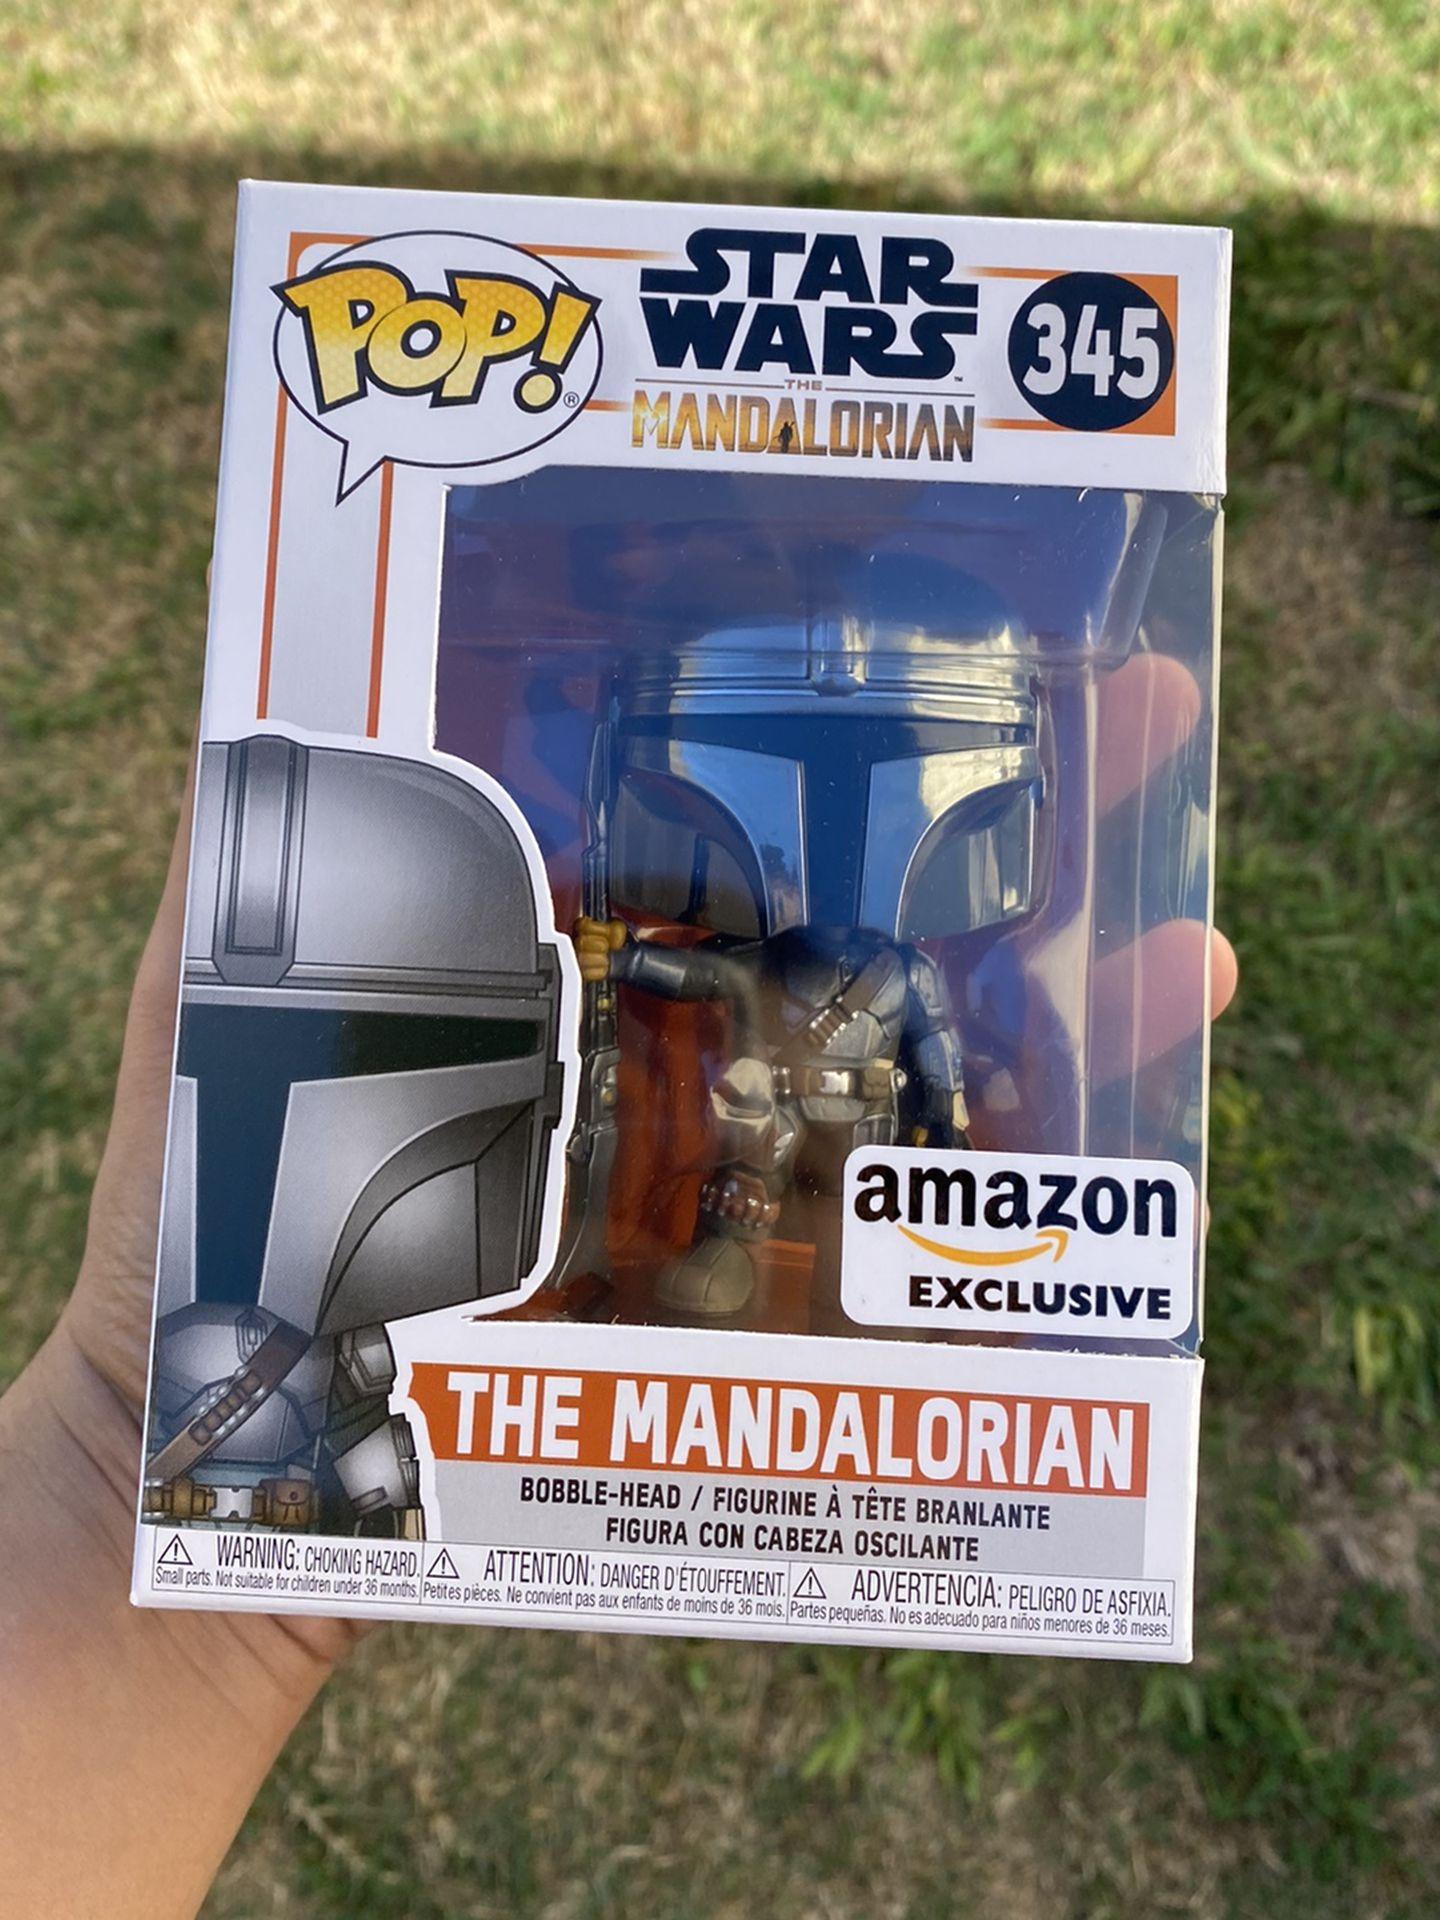 345 The Mandalorian Funko Pop